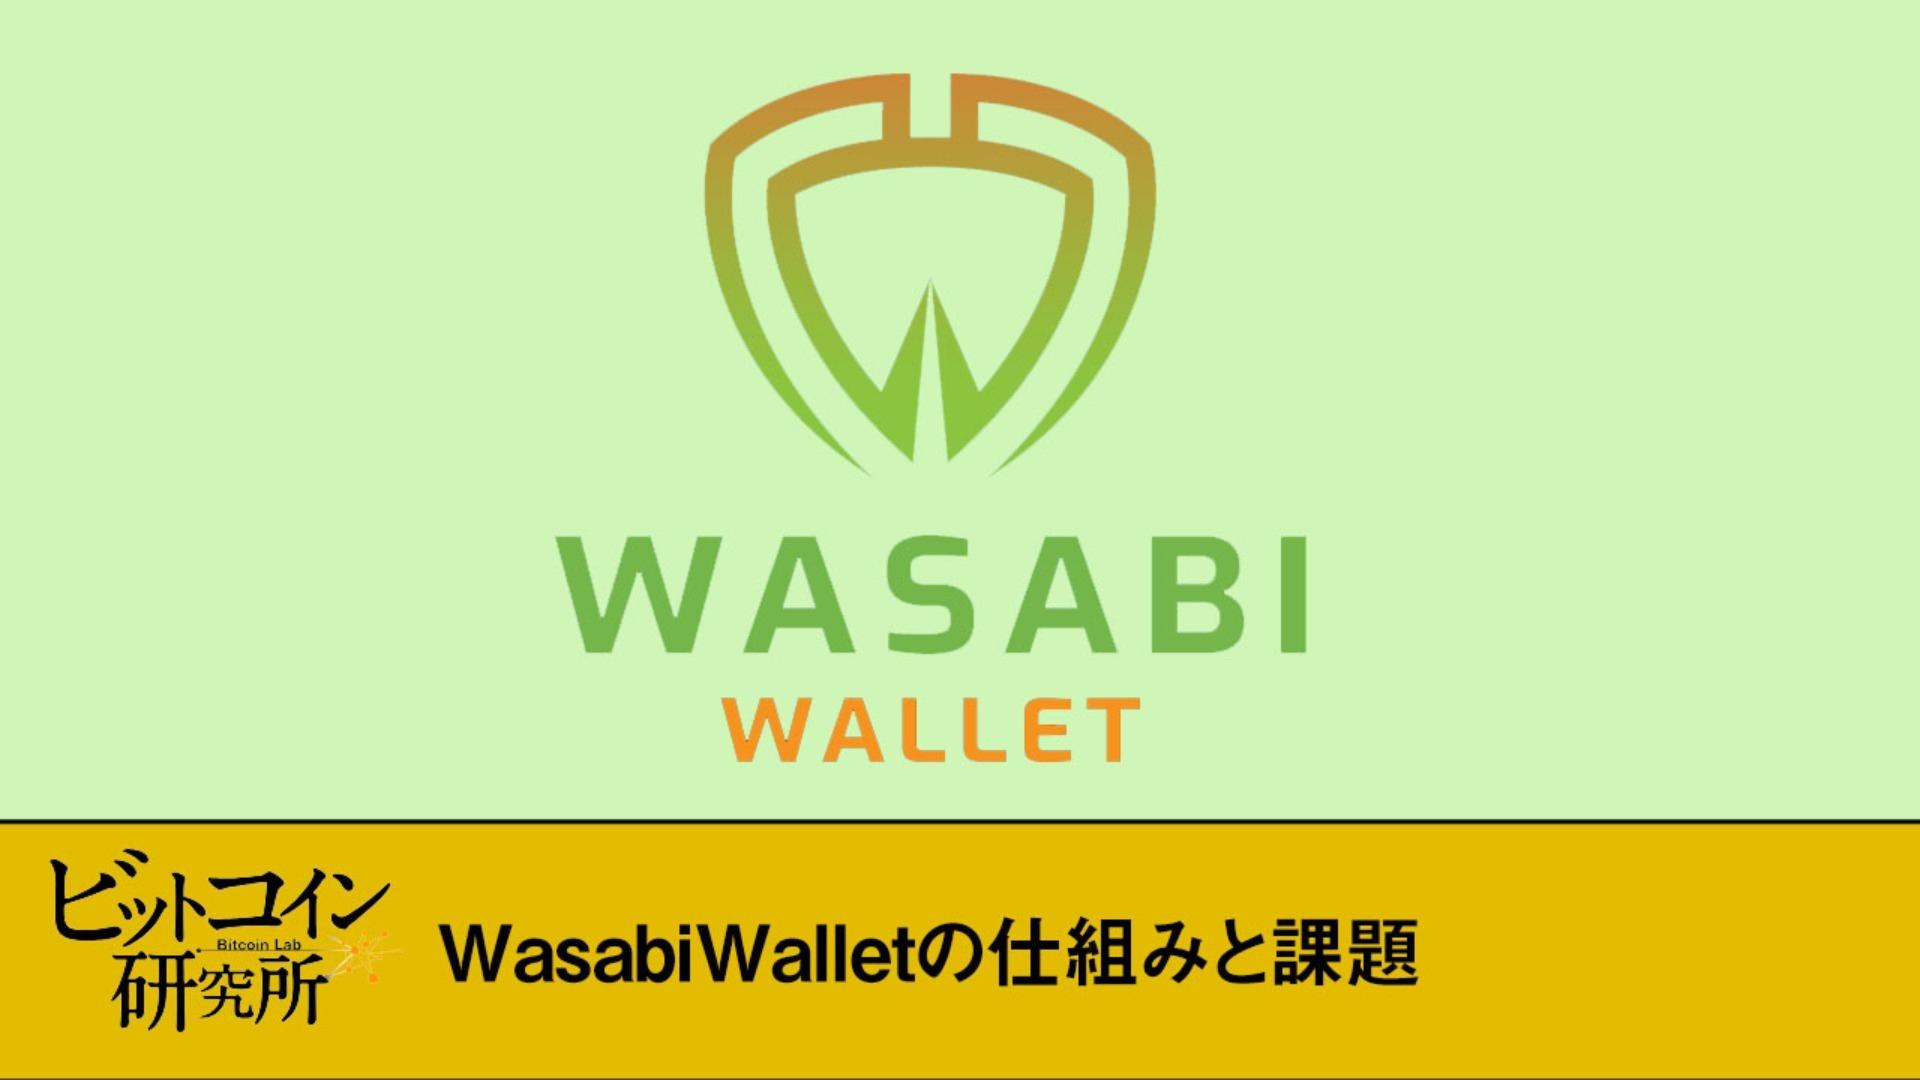 【レポート No.136】WasabiWalletの仕組みと課題